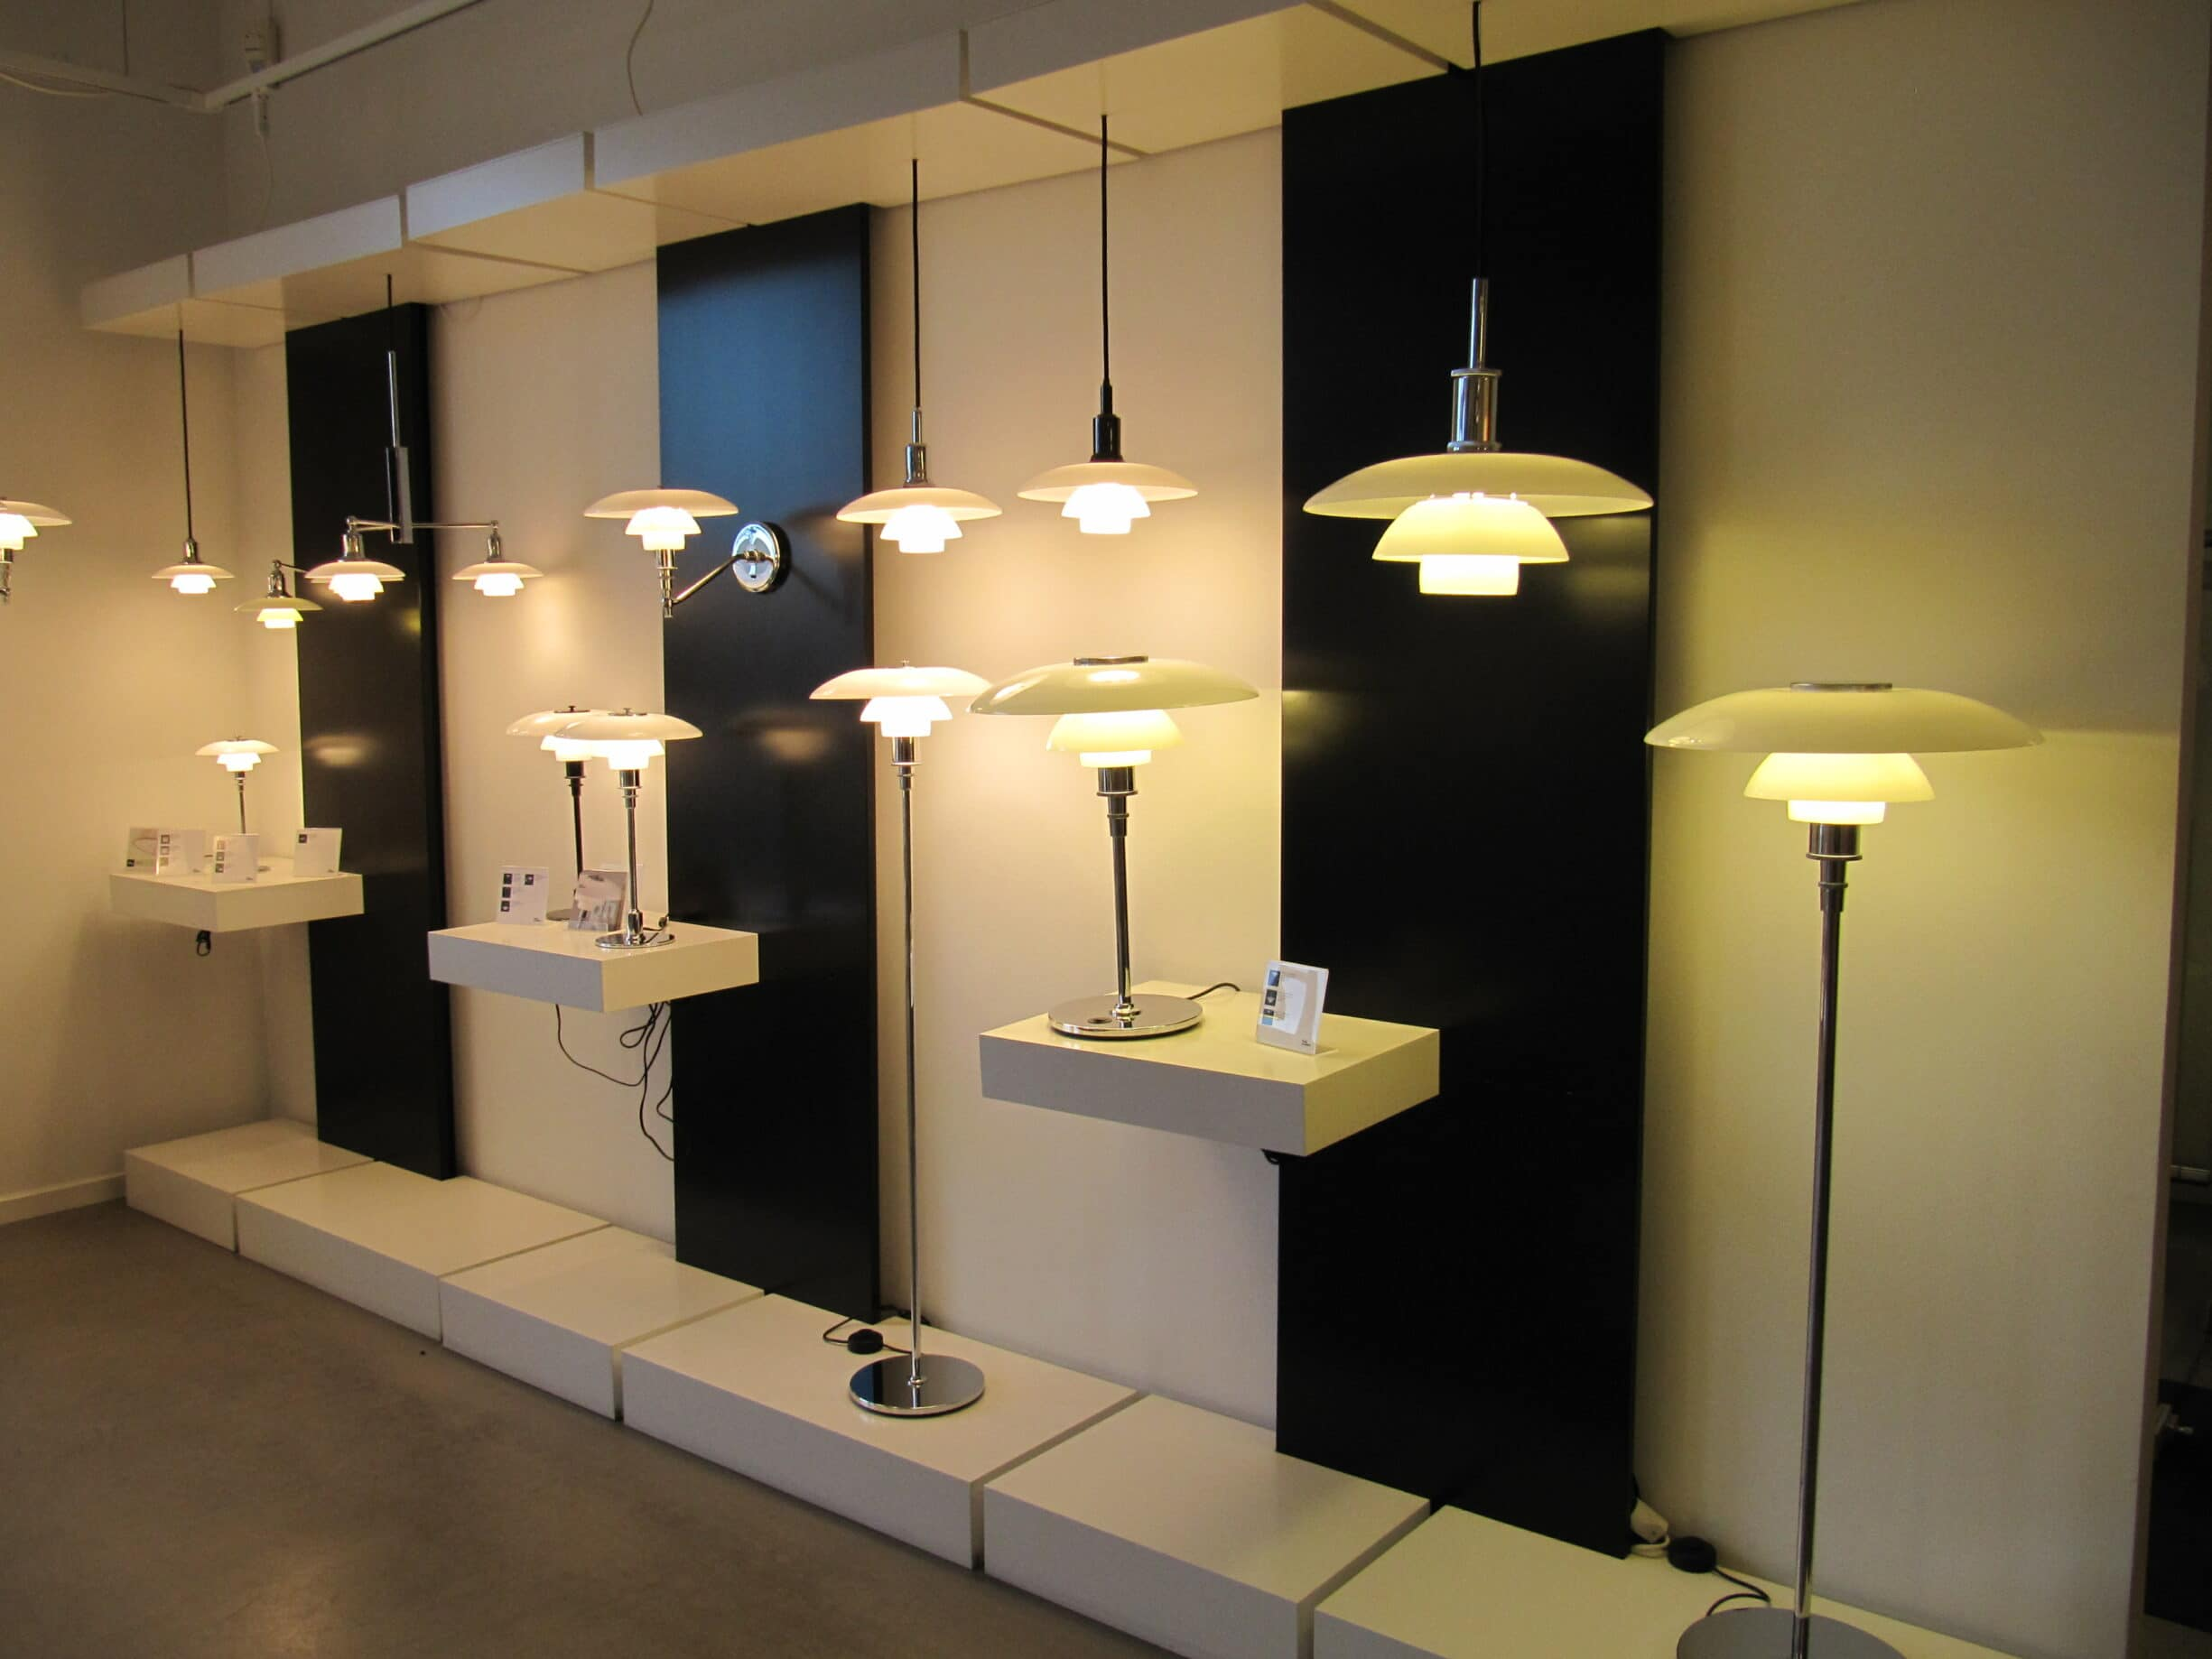 Lamper i Poul Henningsens tre-skygge-system, der vises i Louis Poulsens Showroom i København. Foto: Taget 2. september 2011 af lglazier618. (CC BY 2.0).